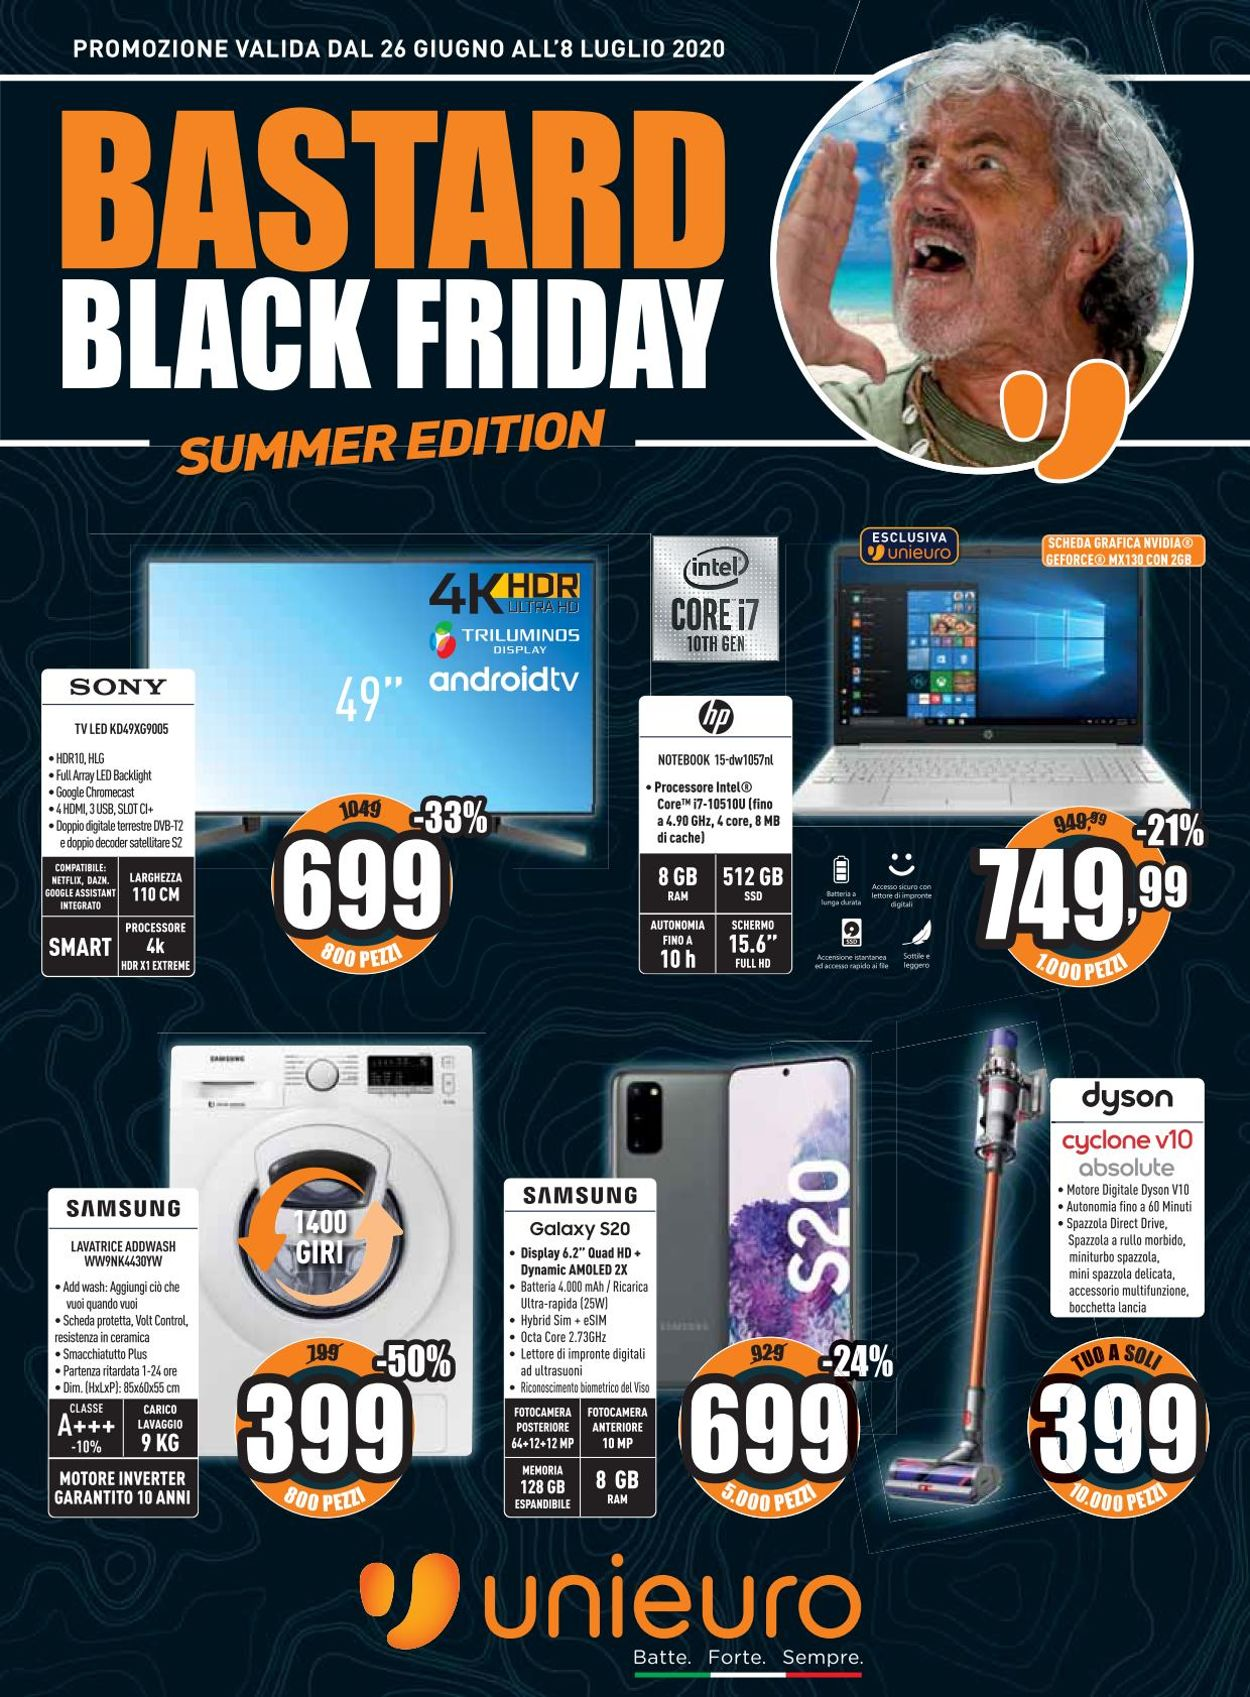 Dyson Black Friday Unieuro